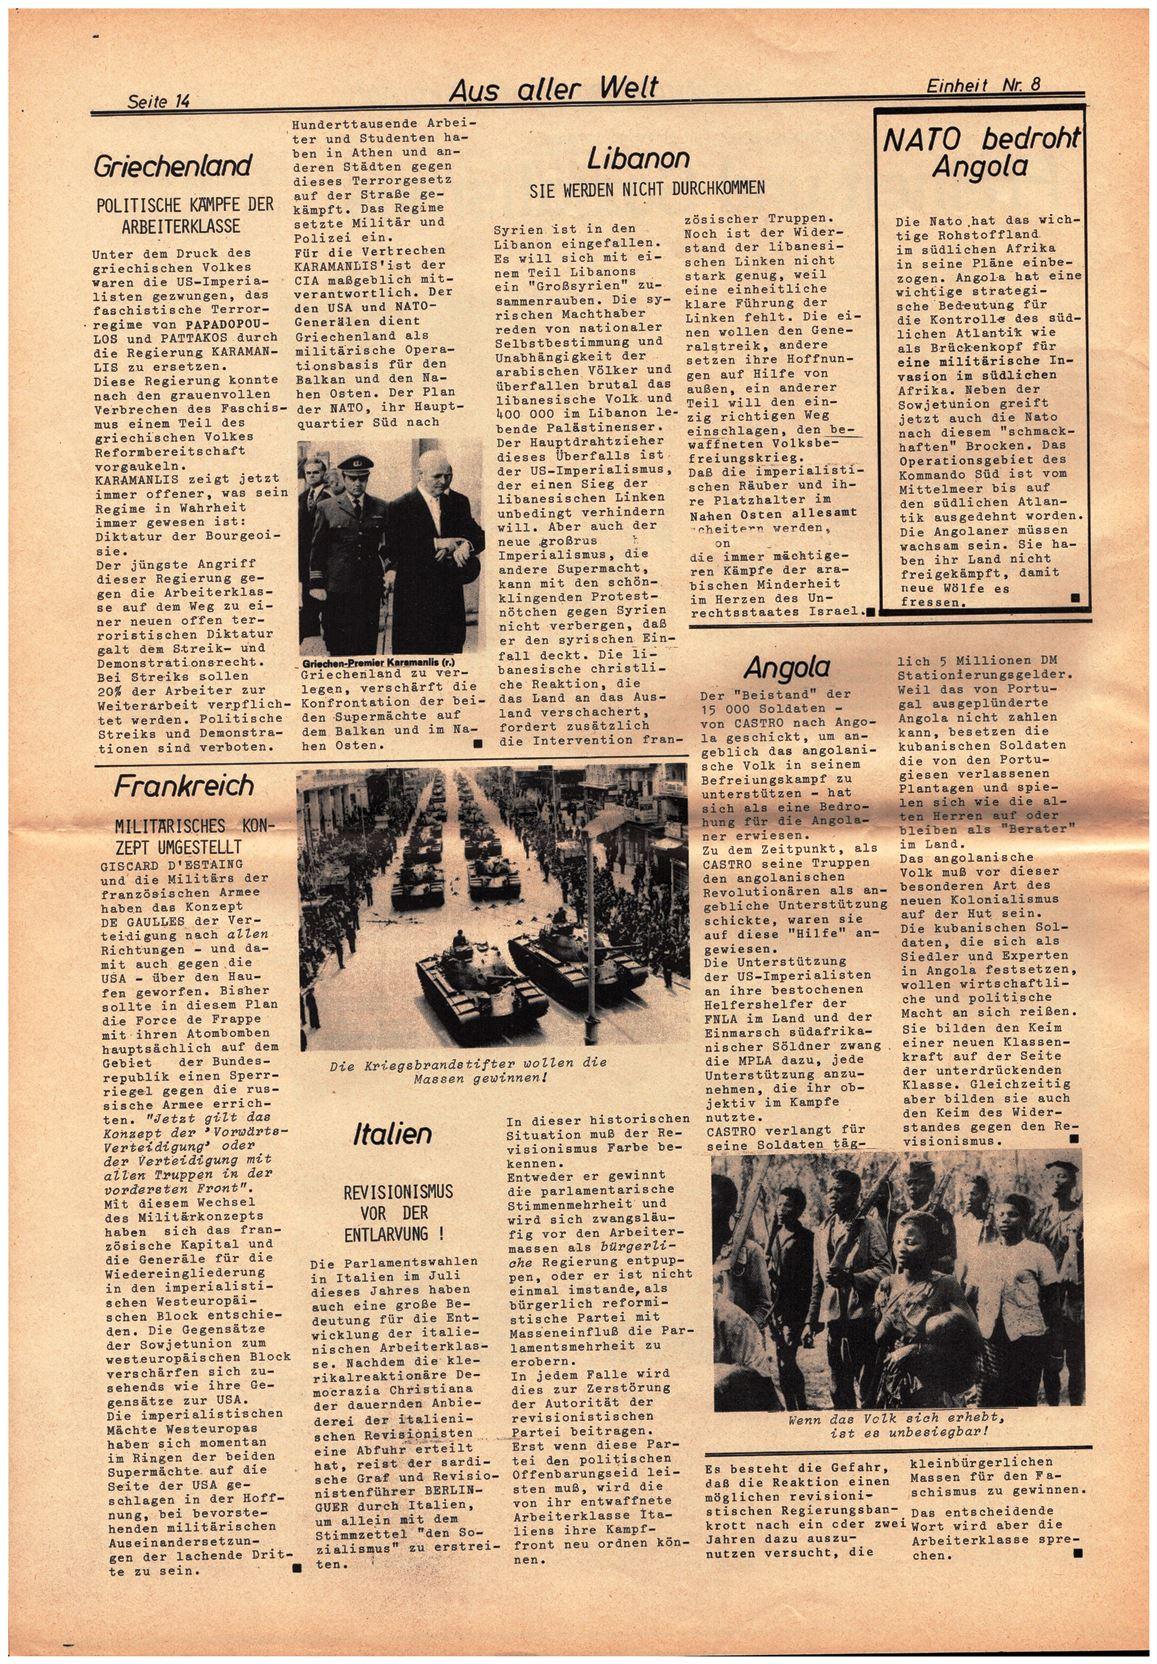 Koeln_IPdA_Einheit_1976_008_014